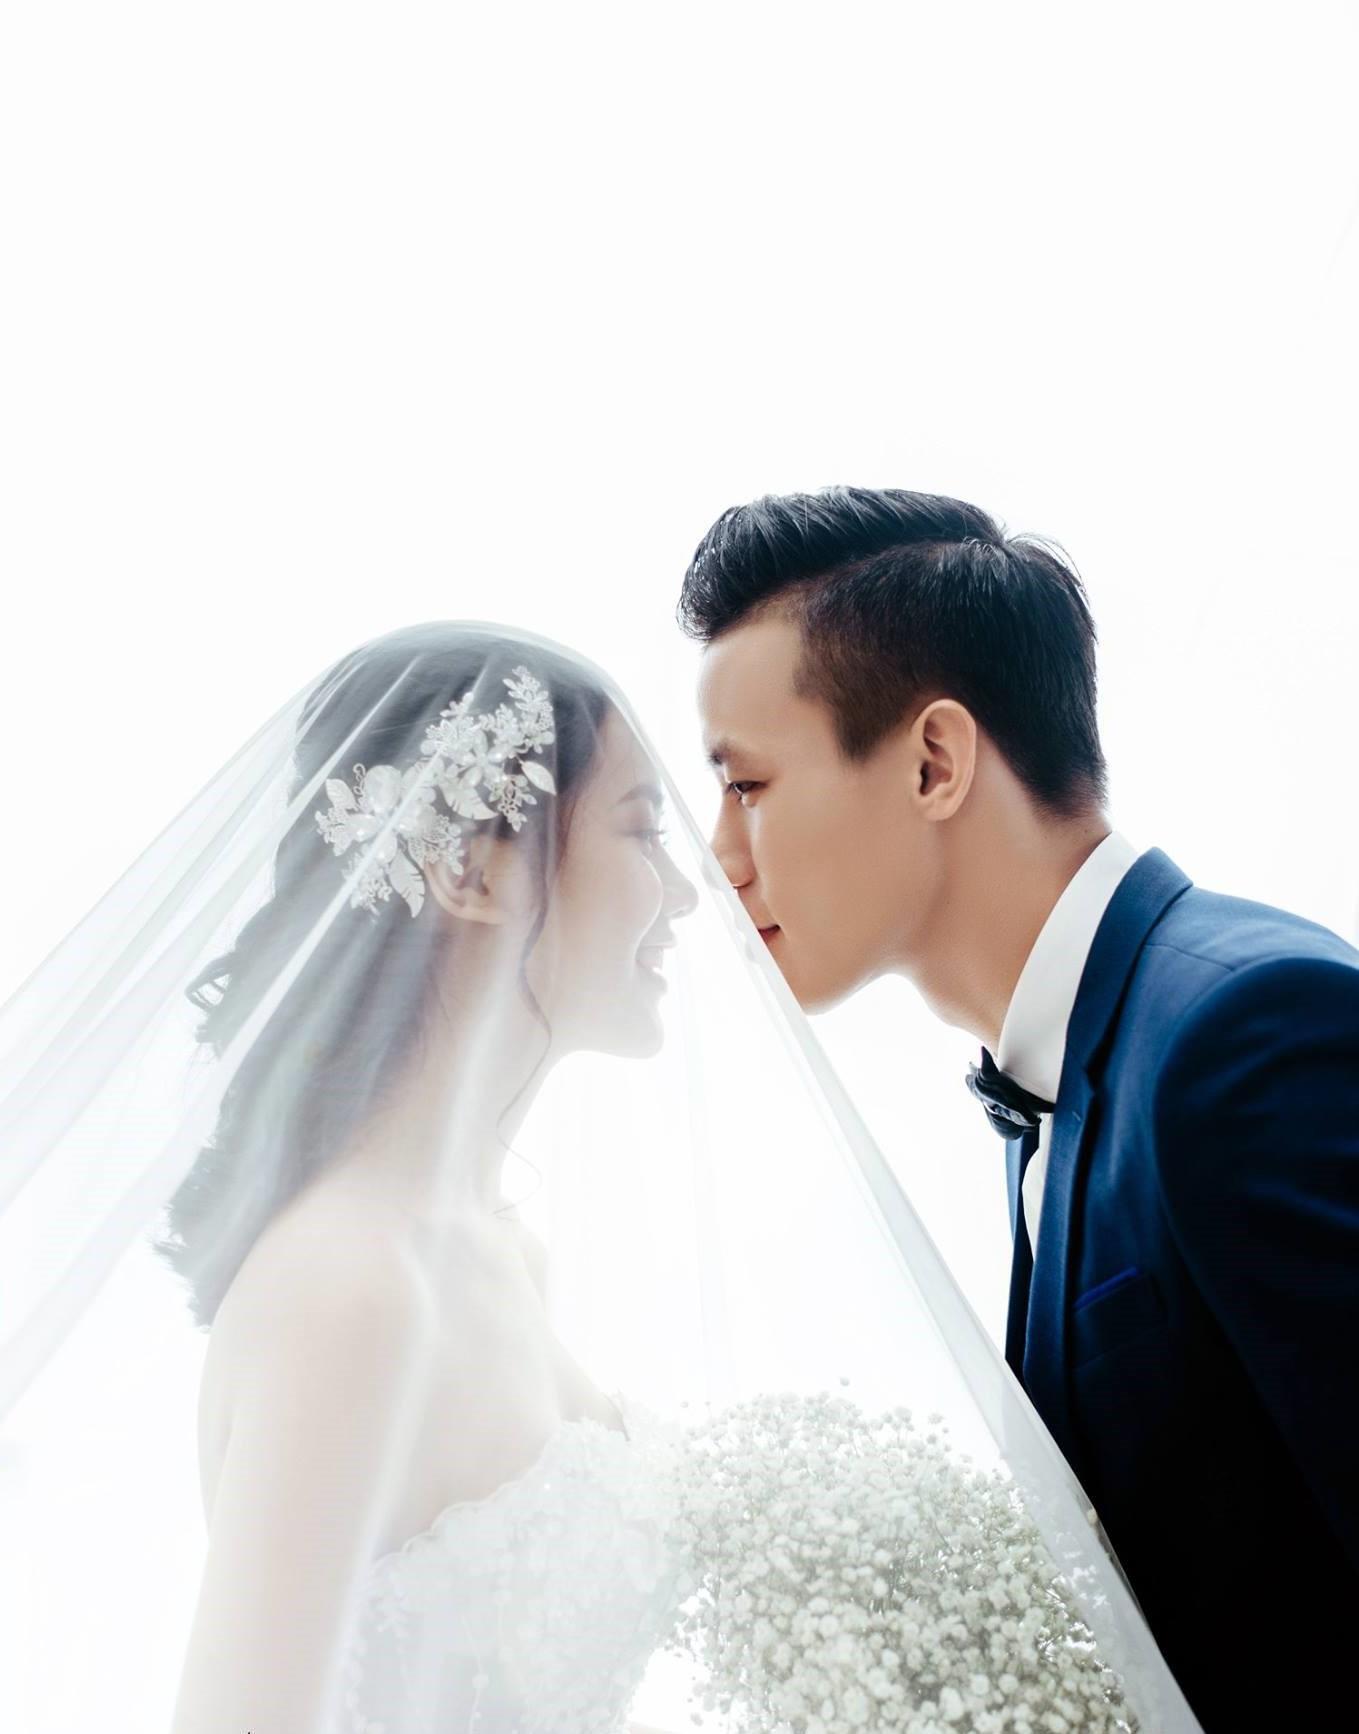 Hé lộ ảnh cưới đẹp lung linh của trung vệ Quế Ngọc Hải và bạn gái hoa khôi-6